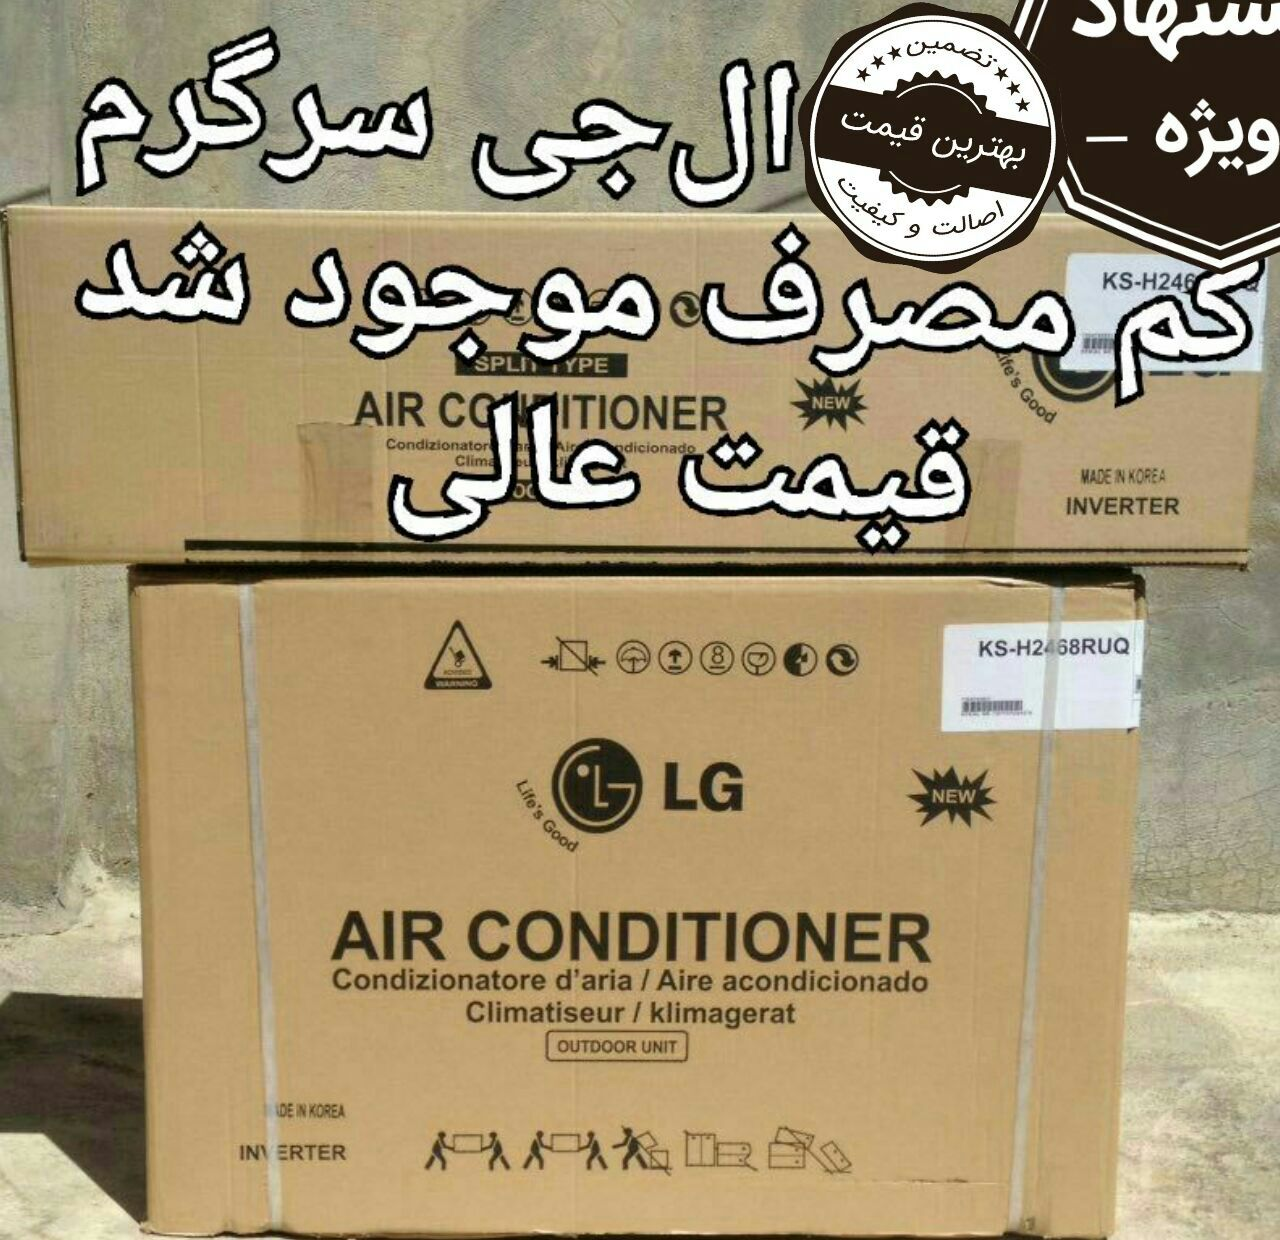 کولر گازی جدید ال جی LG کم مصرف با لوله و کابل رایگان سرمایشی و گرمایشی